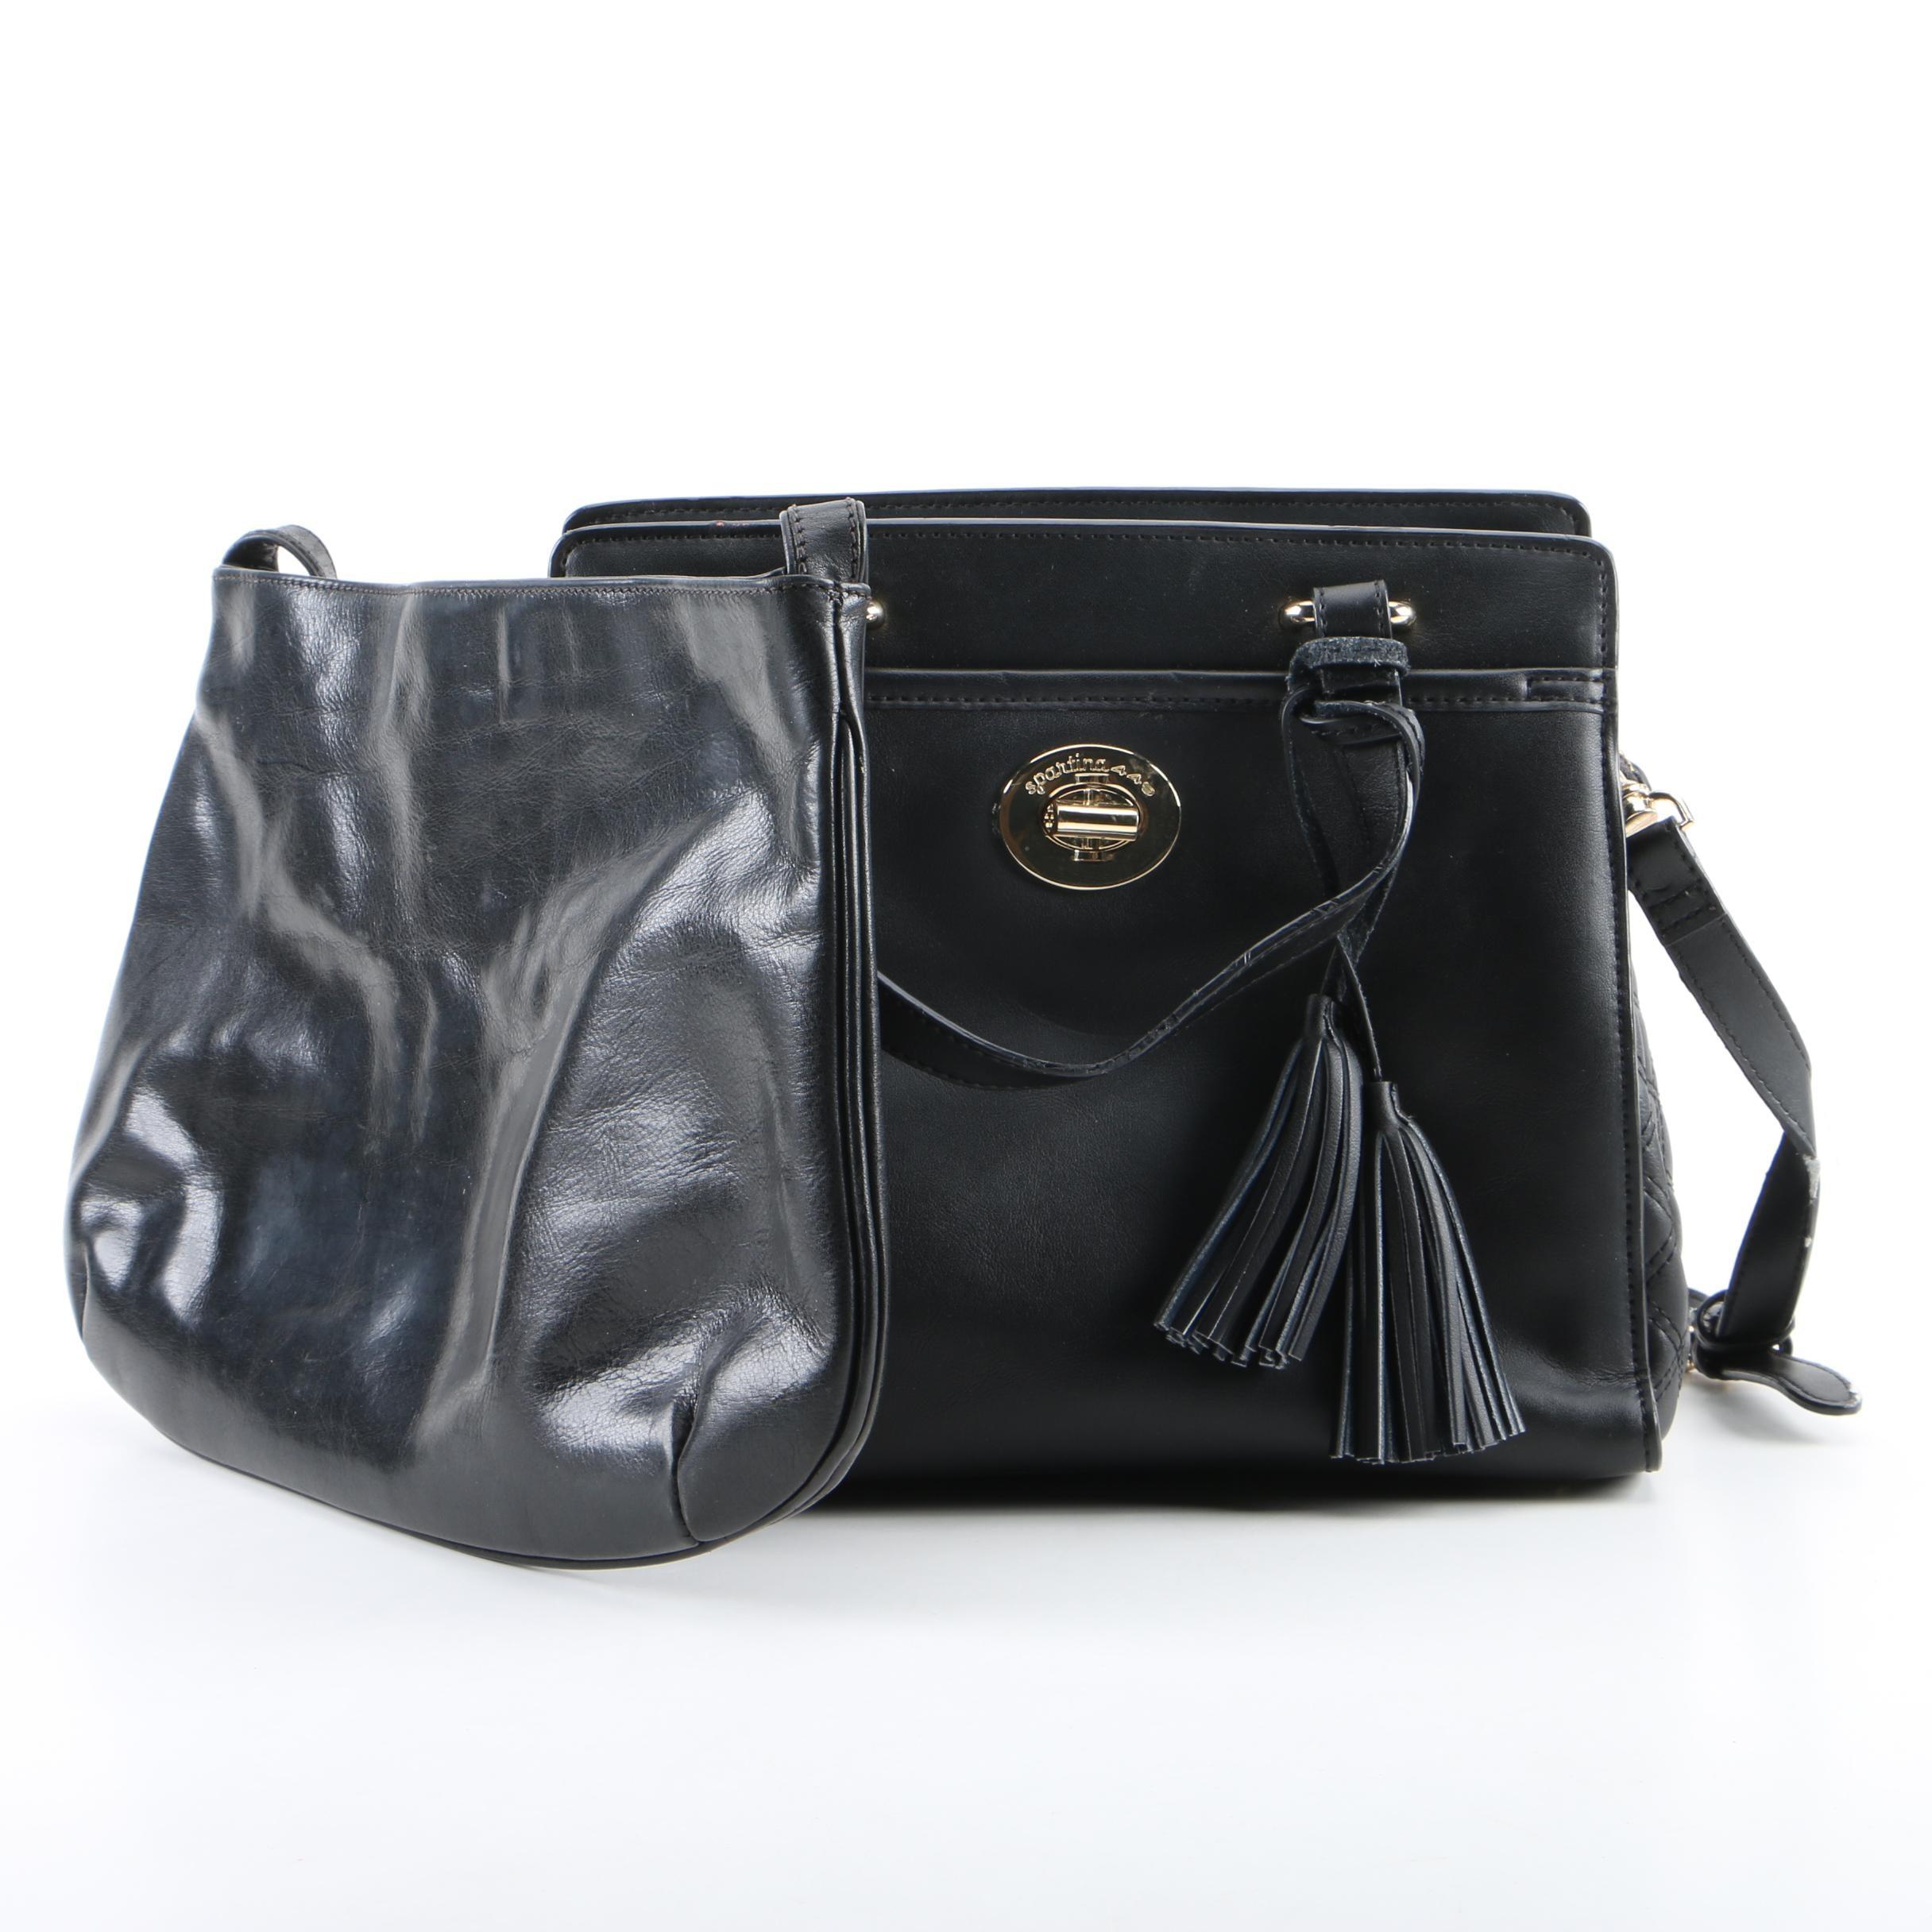 Spartina and La Sella Roma Black Leather Bags